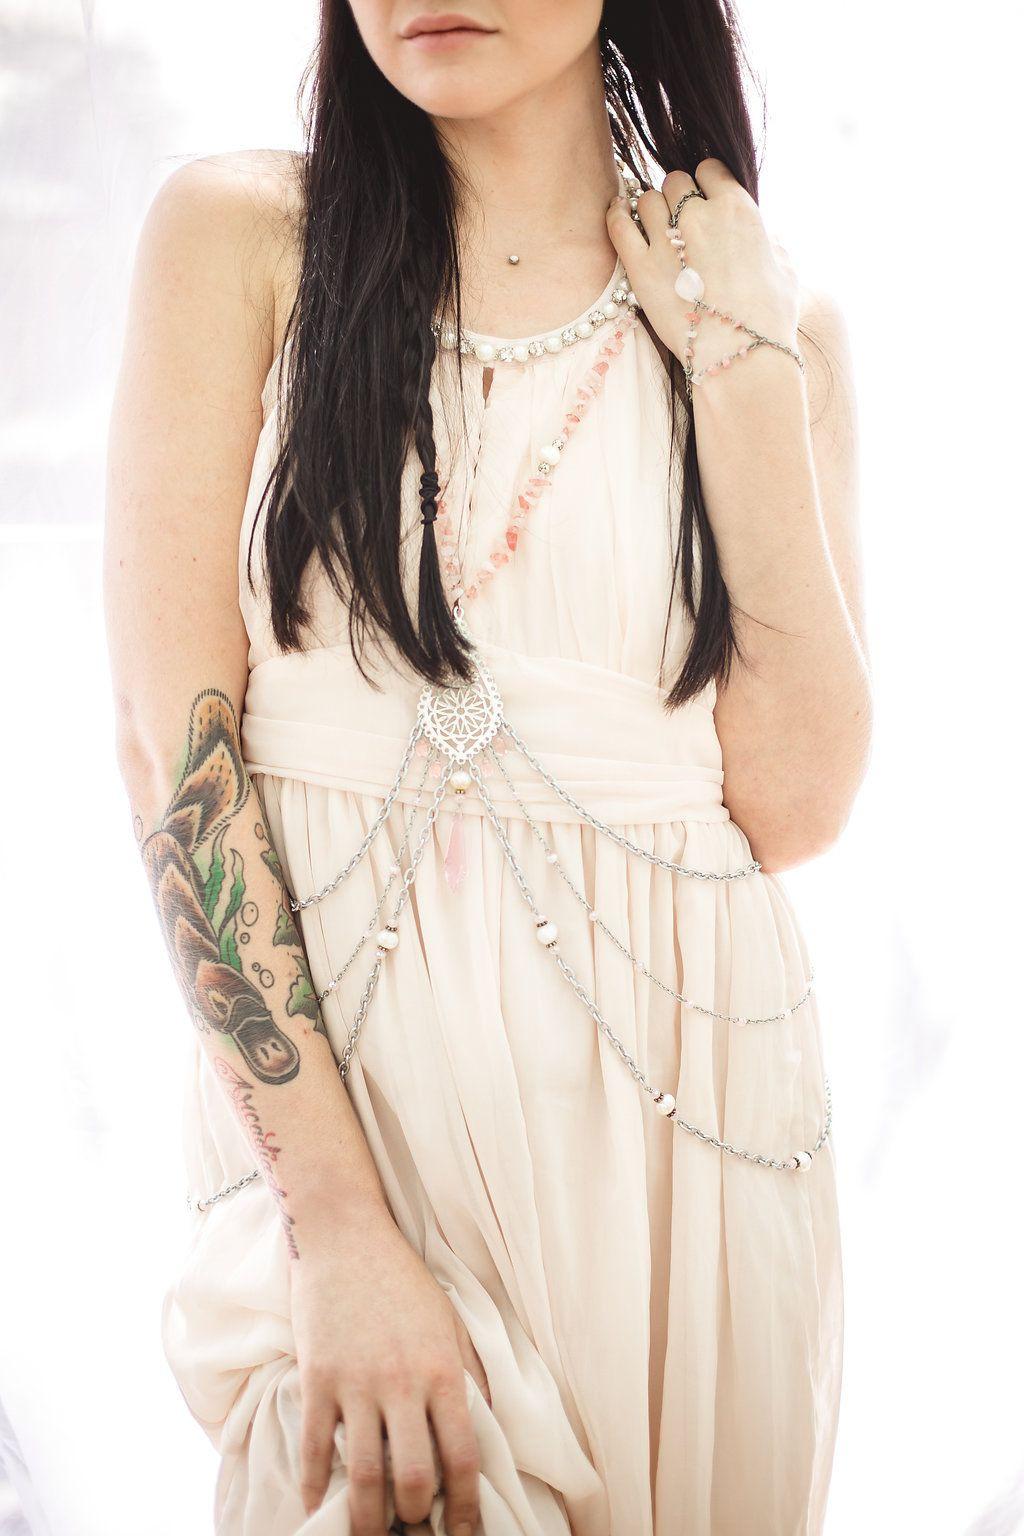 Body Jewelry Photoshoot  Body jewelry by Astraea Designs